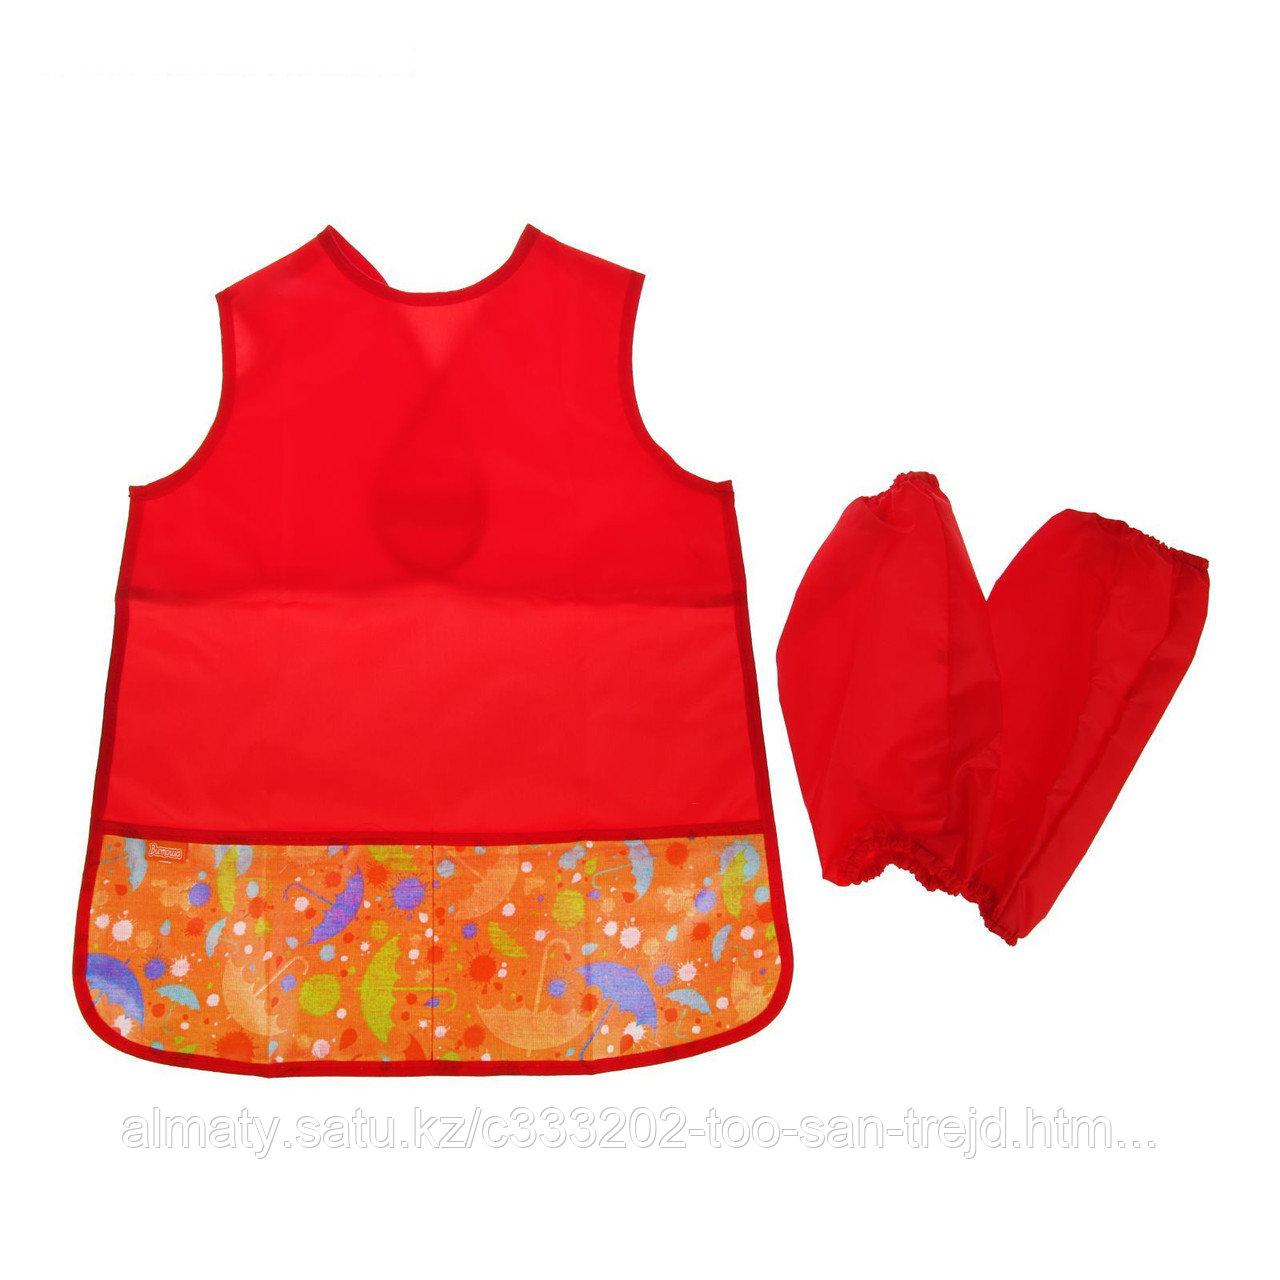 Комплект для творчества:фартук-накидка и нарукавники из водонепроницаемой ткани для девочек, Витоша